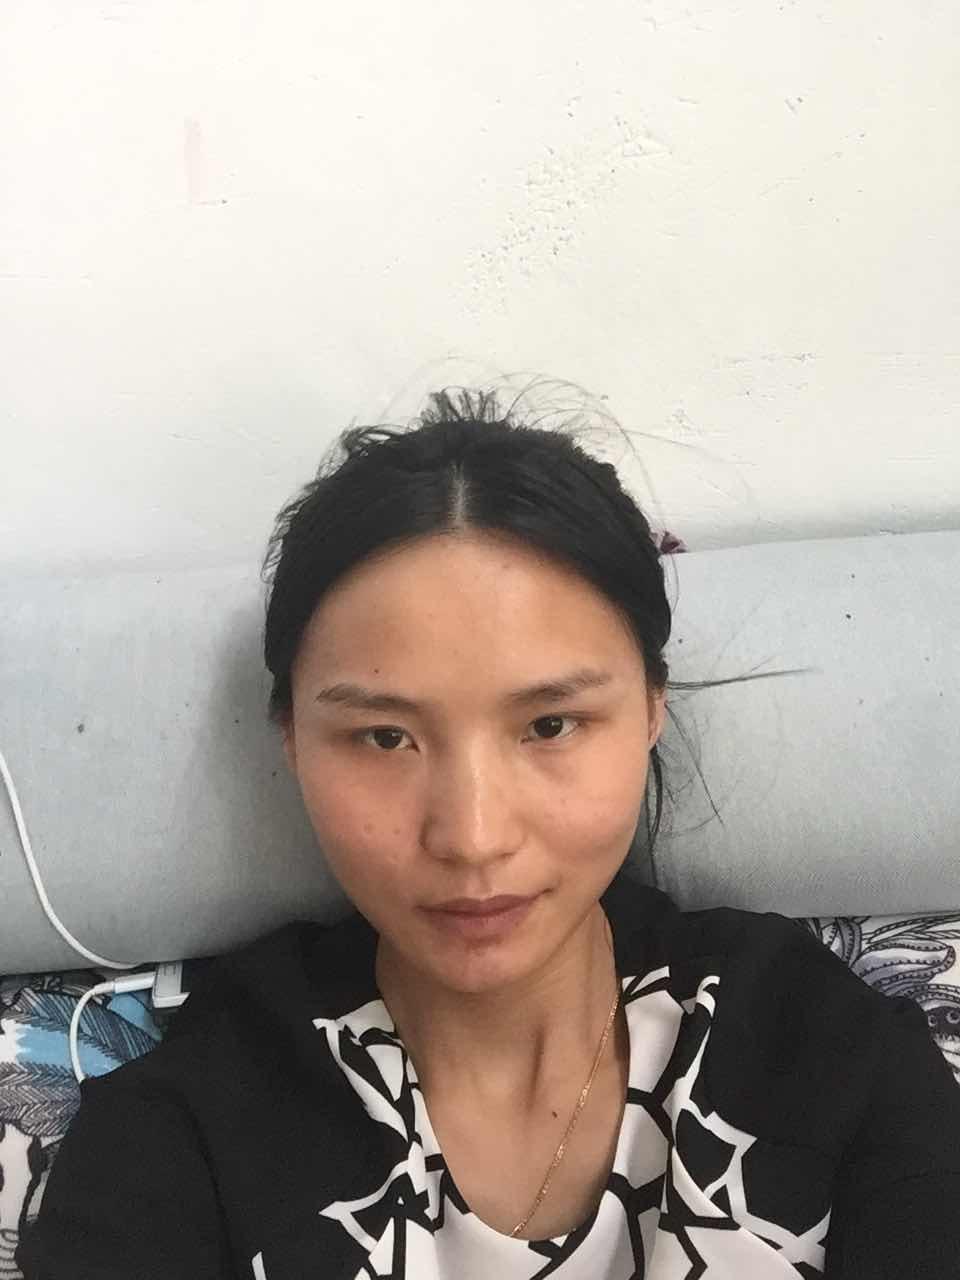 激光治疗伤疤的效果如何?我哪里要整啊?皮肤凹疤能治吗